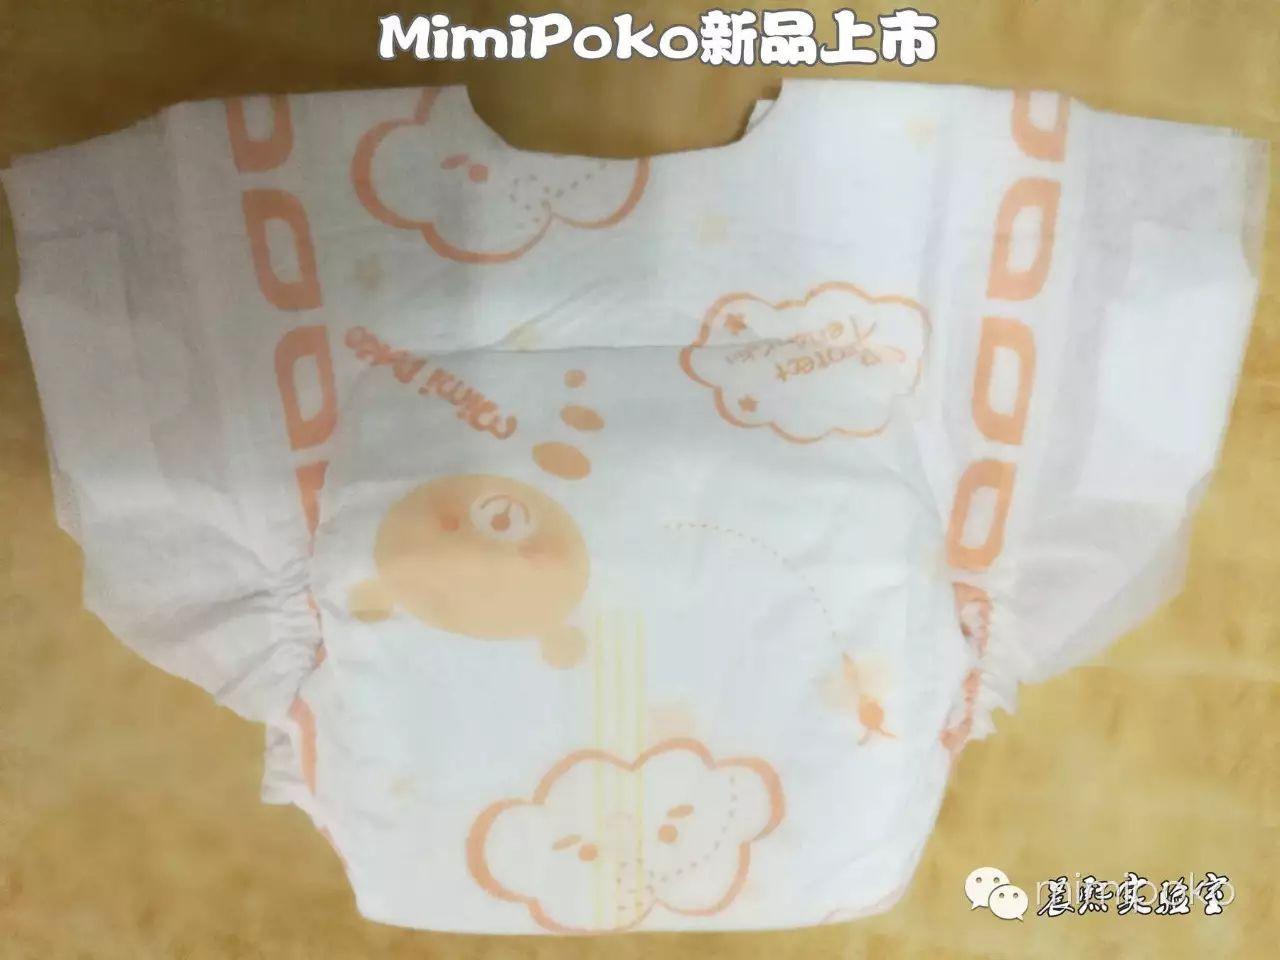 泰国mimipoko纸尿裤怎么样?